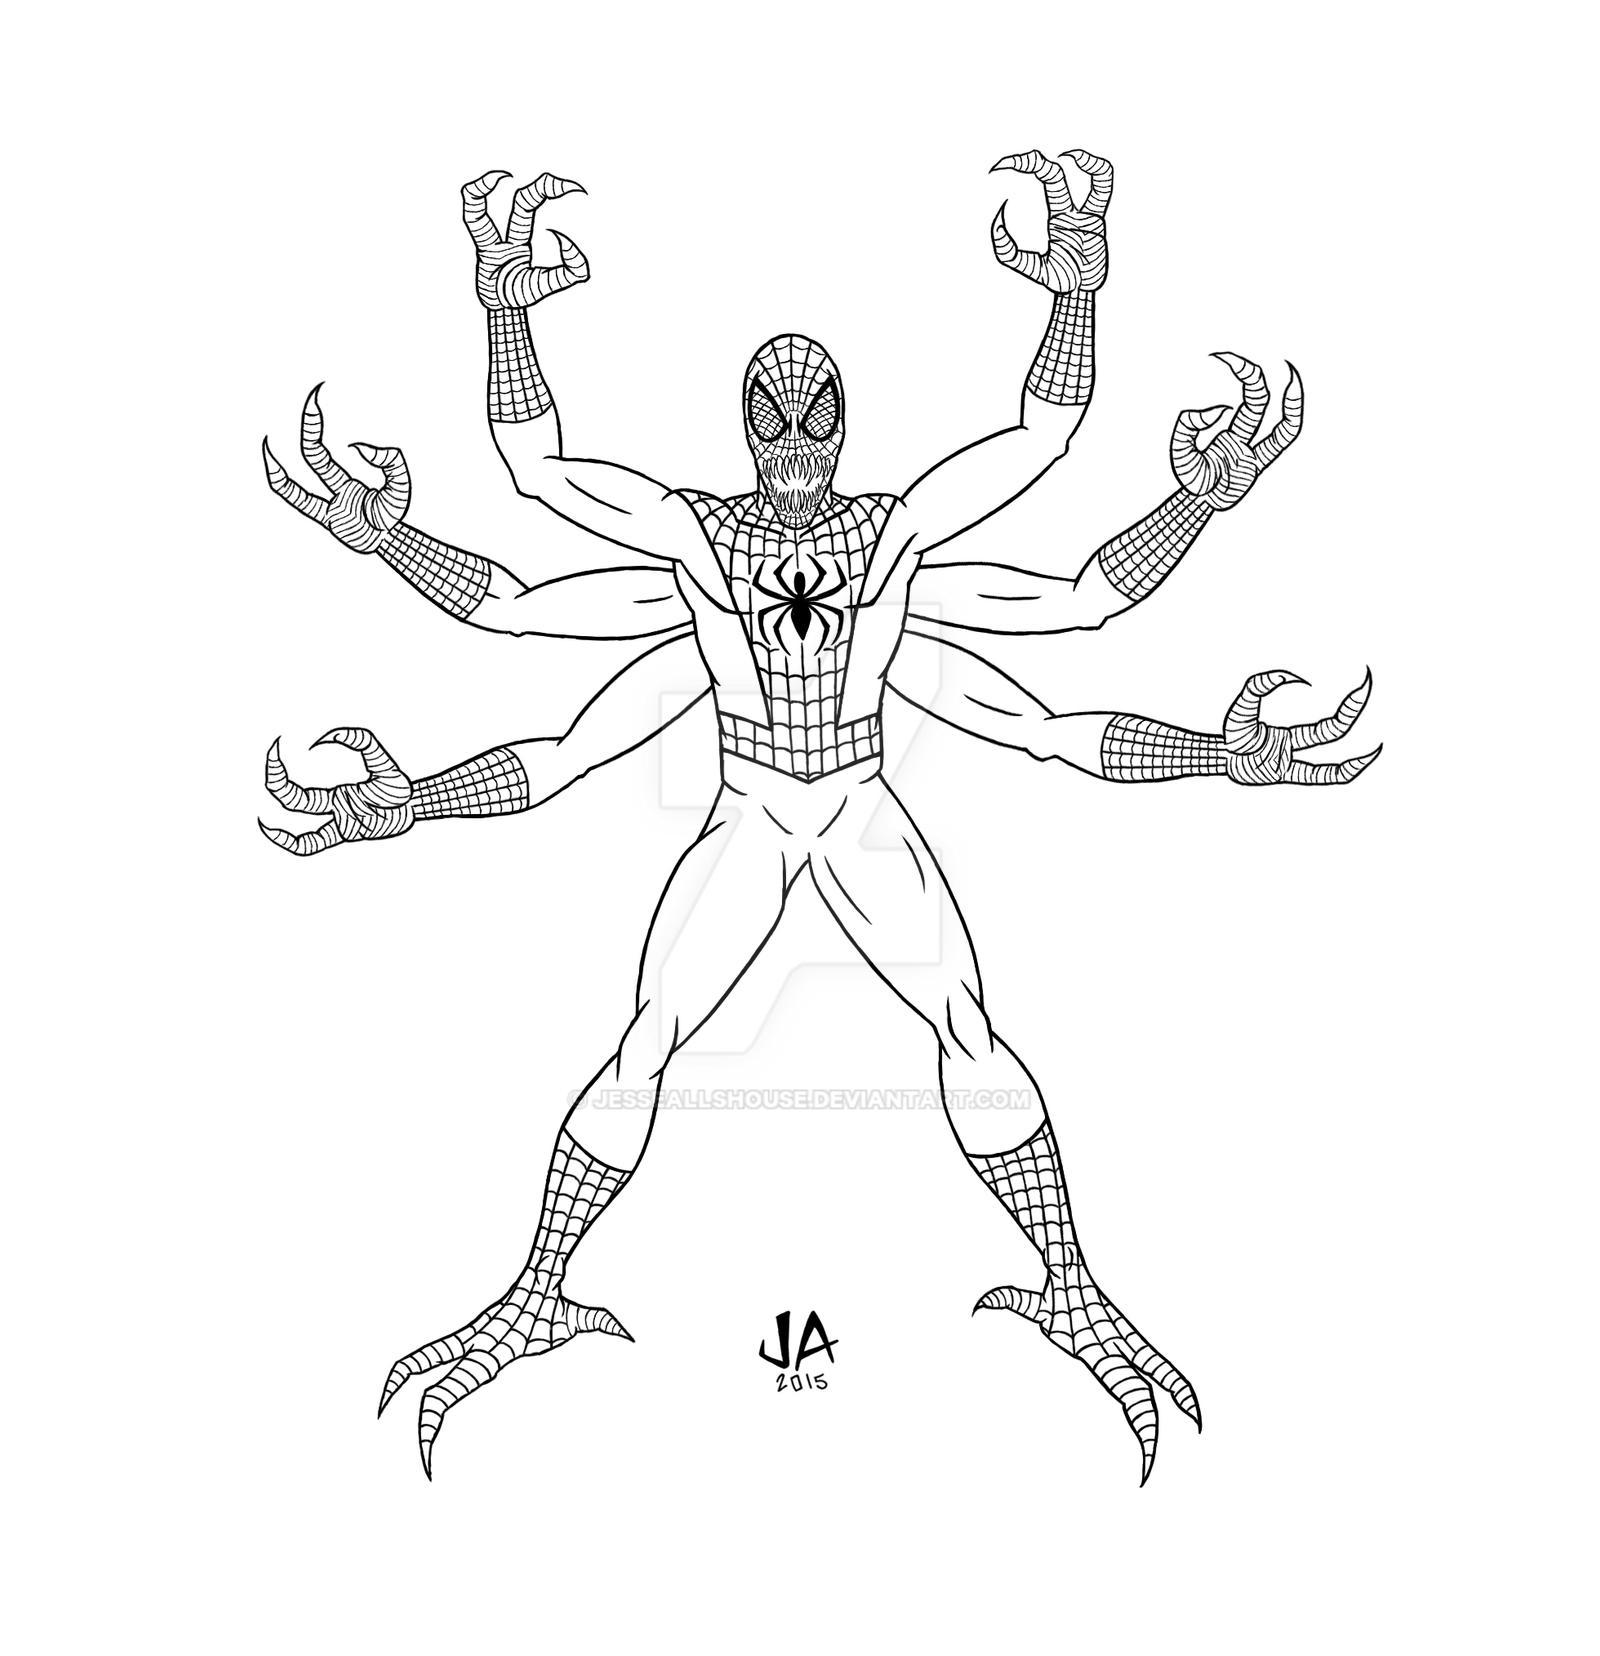 Spider-Doppelganger Digital Ink